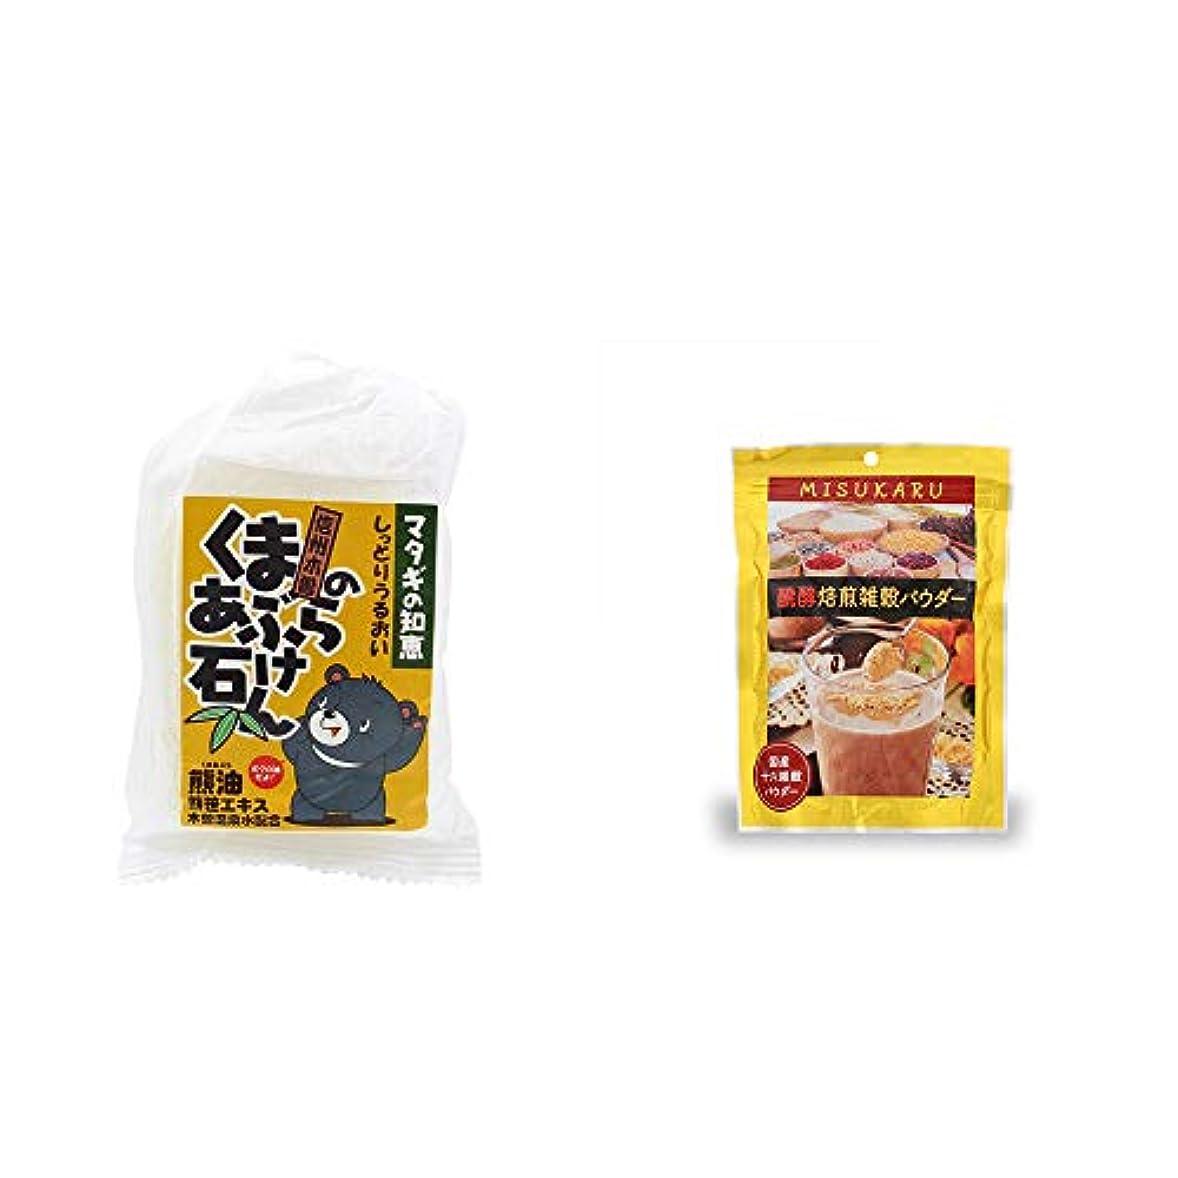 和らげる能力マイク[2点セット] 信州木曽 くまのあぶら石けん(80g)?醗酵焙煎雑穀パウダー MISUKARU(ミスカル)(200g)